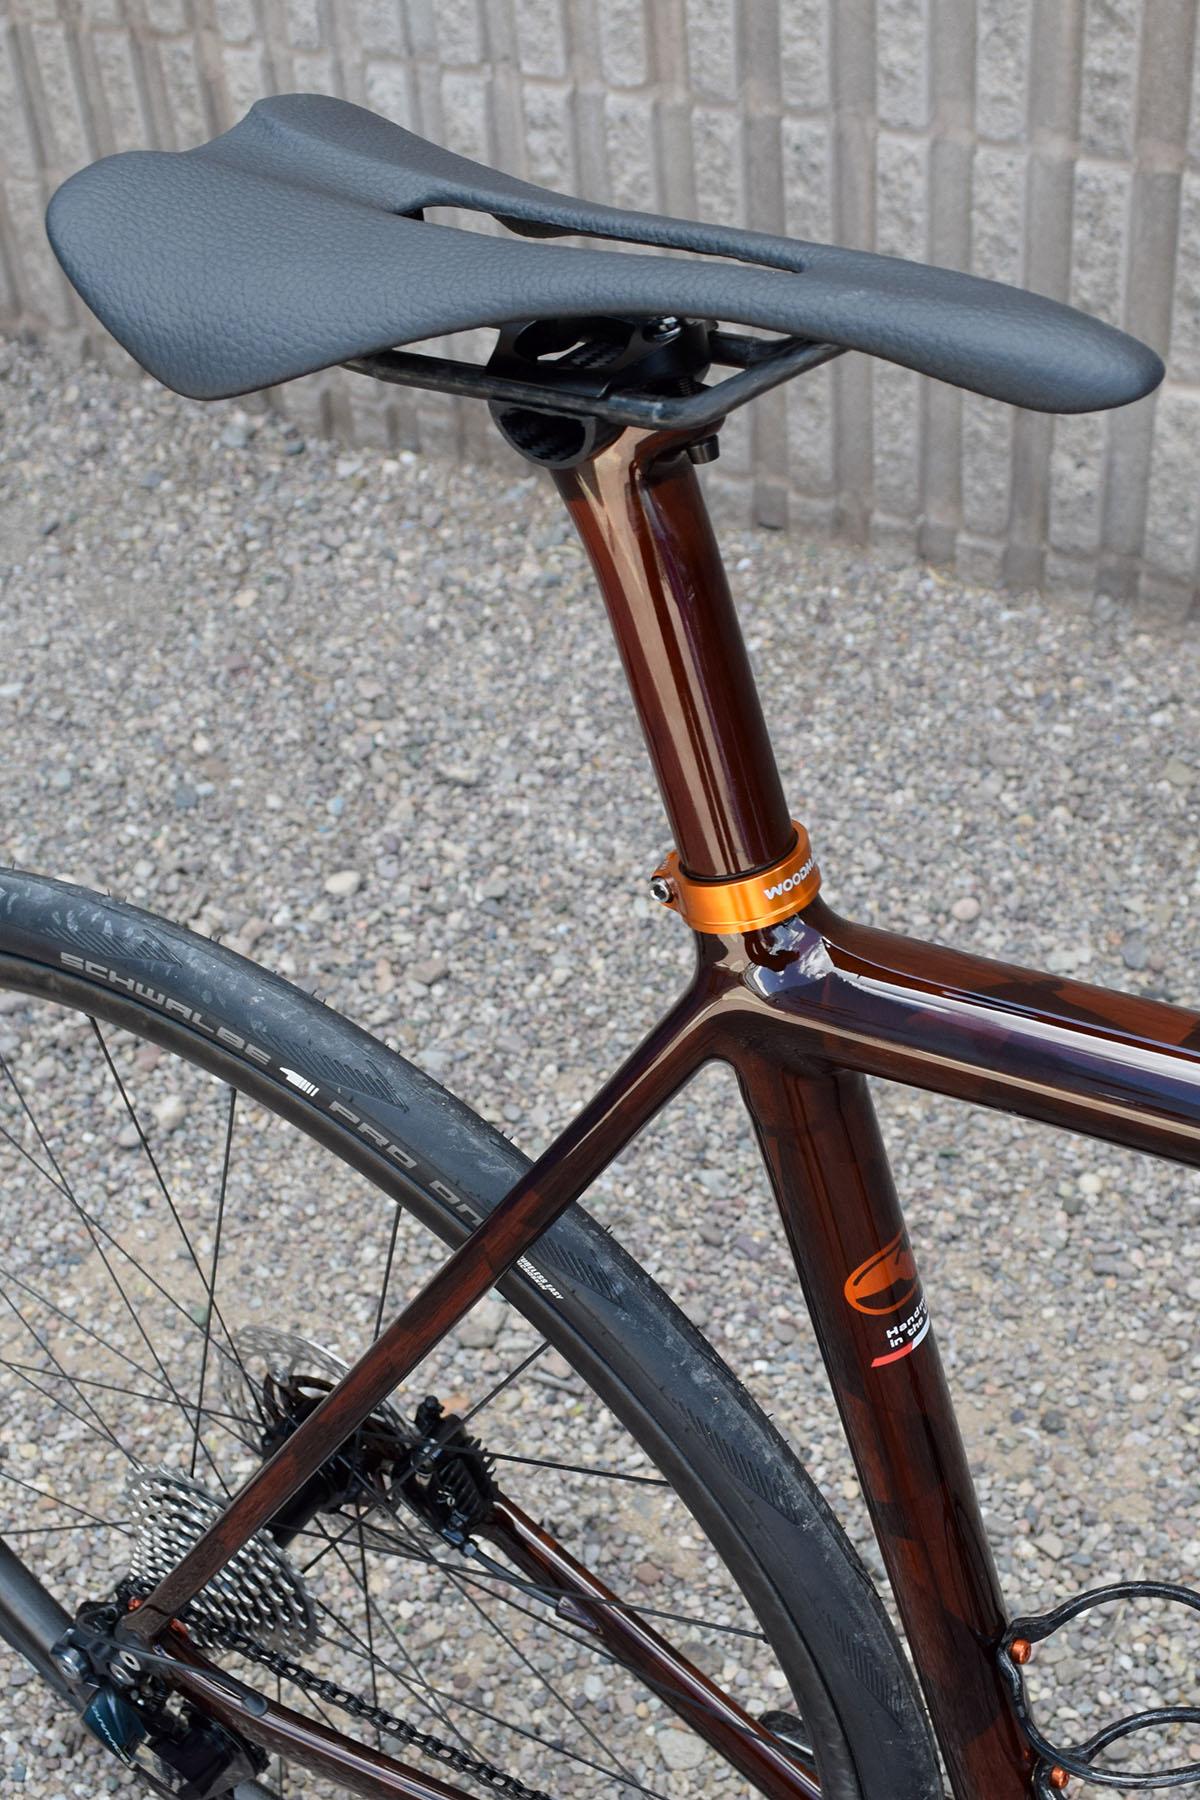 saddle seattube